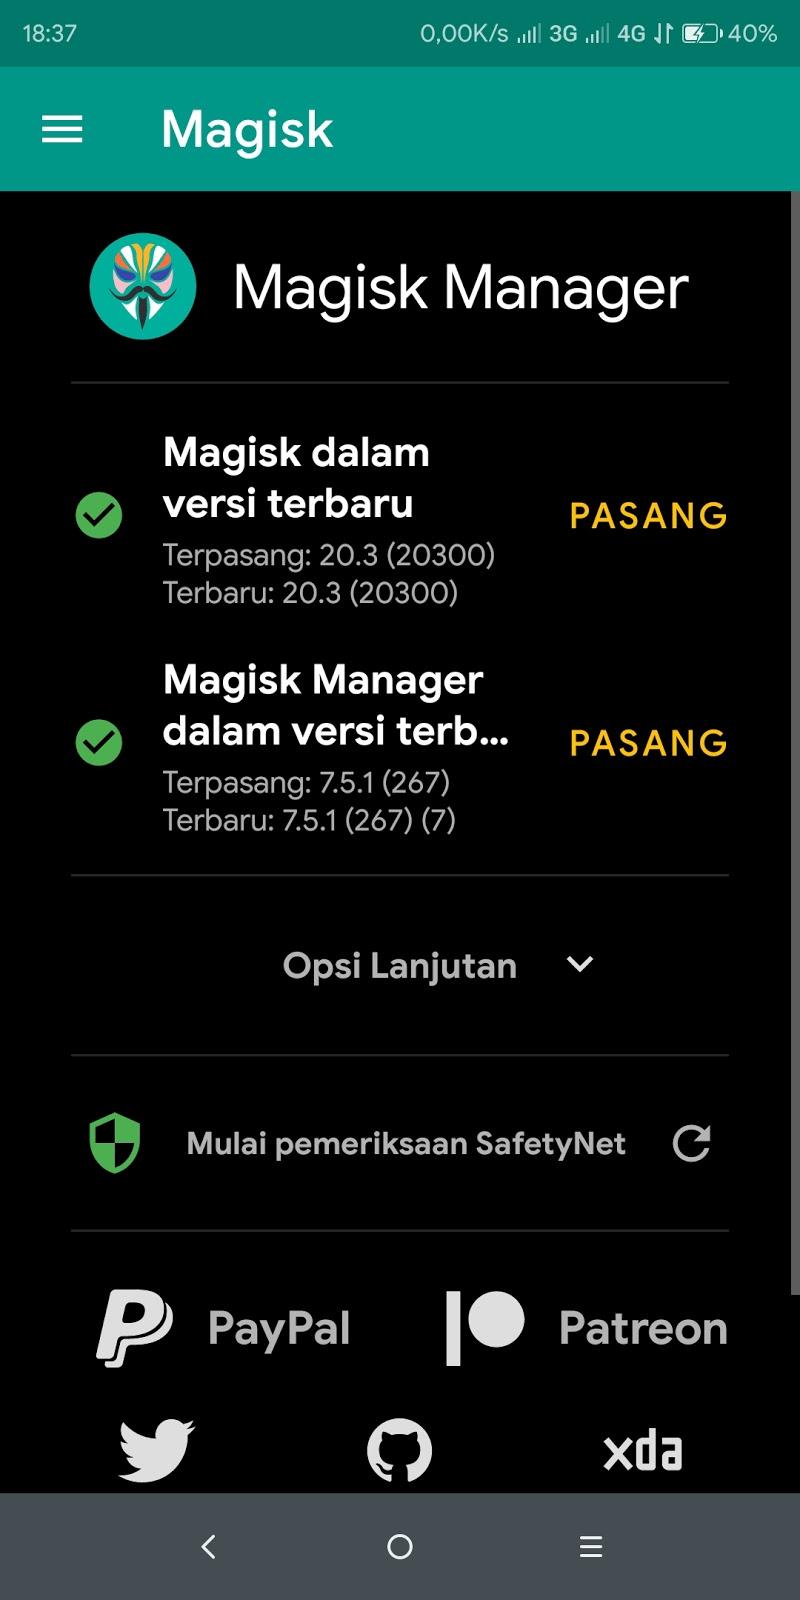 Cara root android dengan Magisk manager,download Magisk manager versi terbaru,cara root android dengan magisk